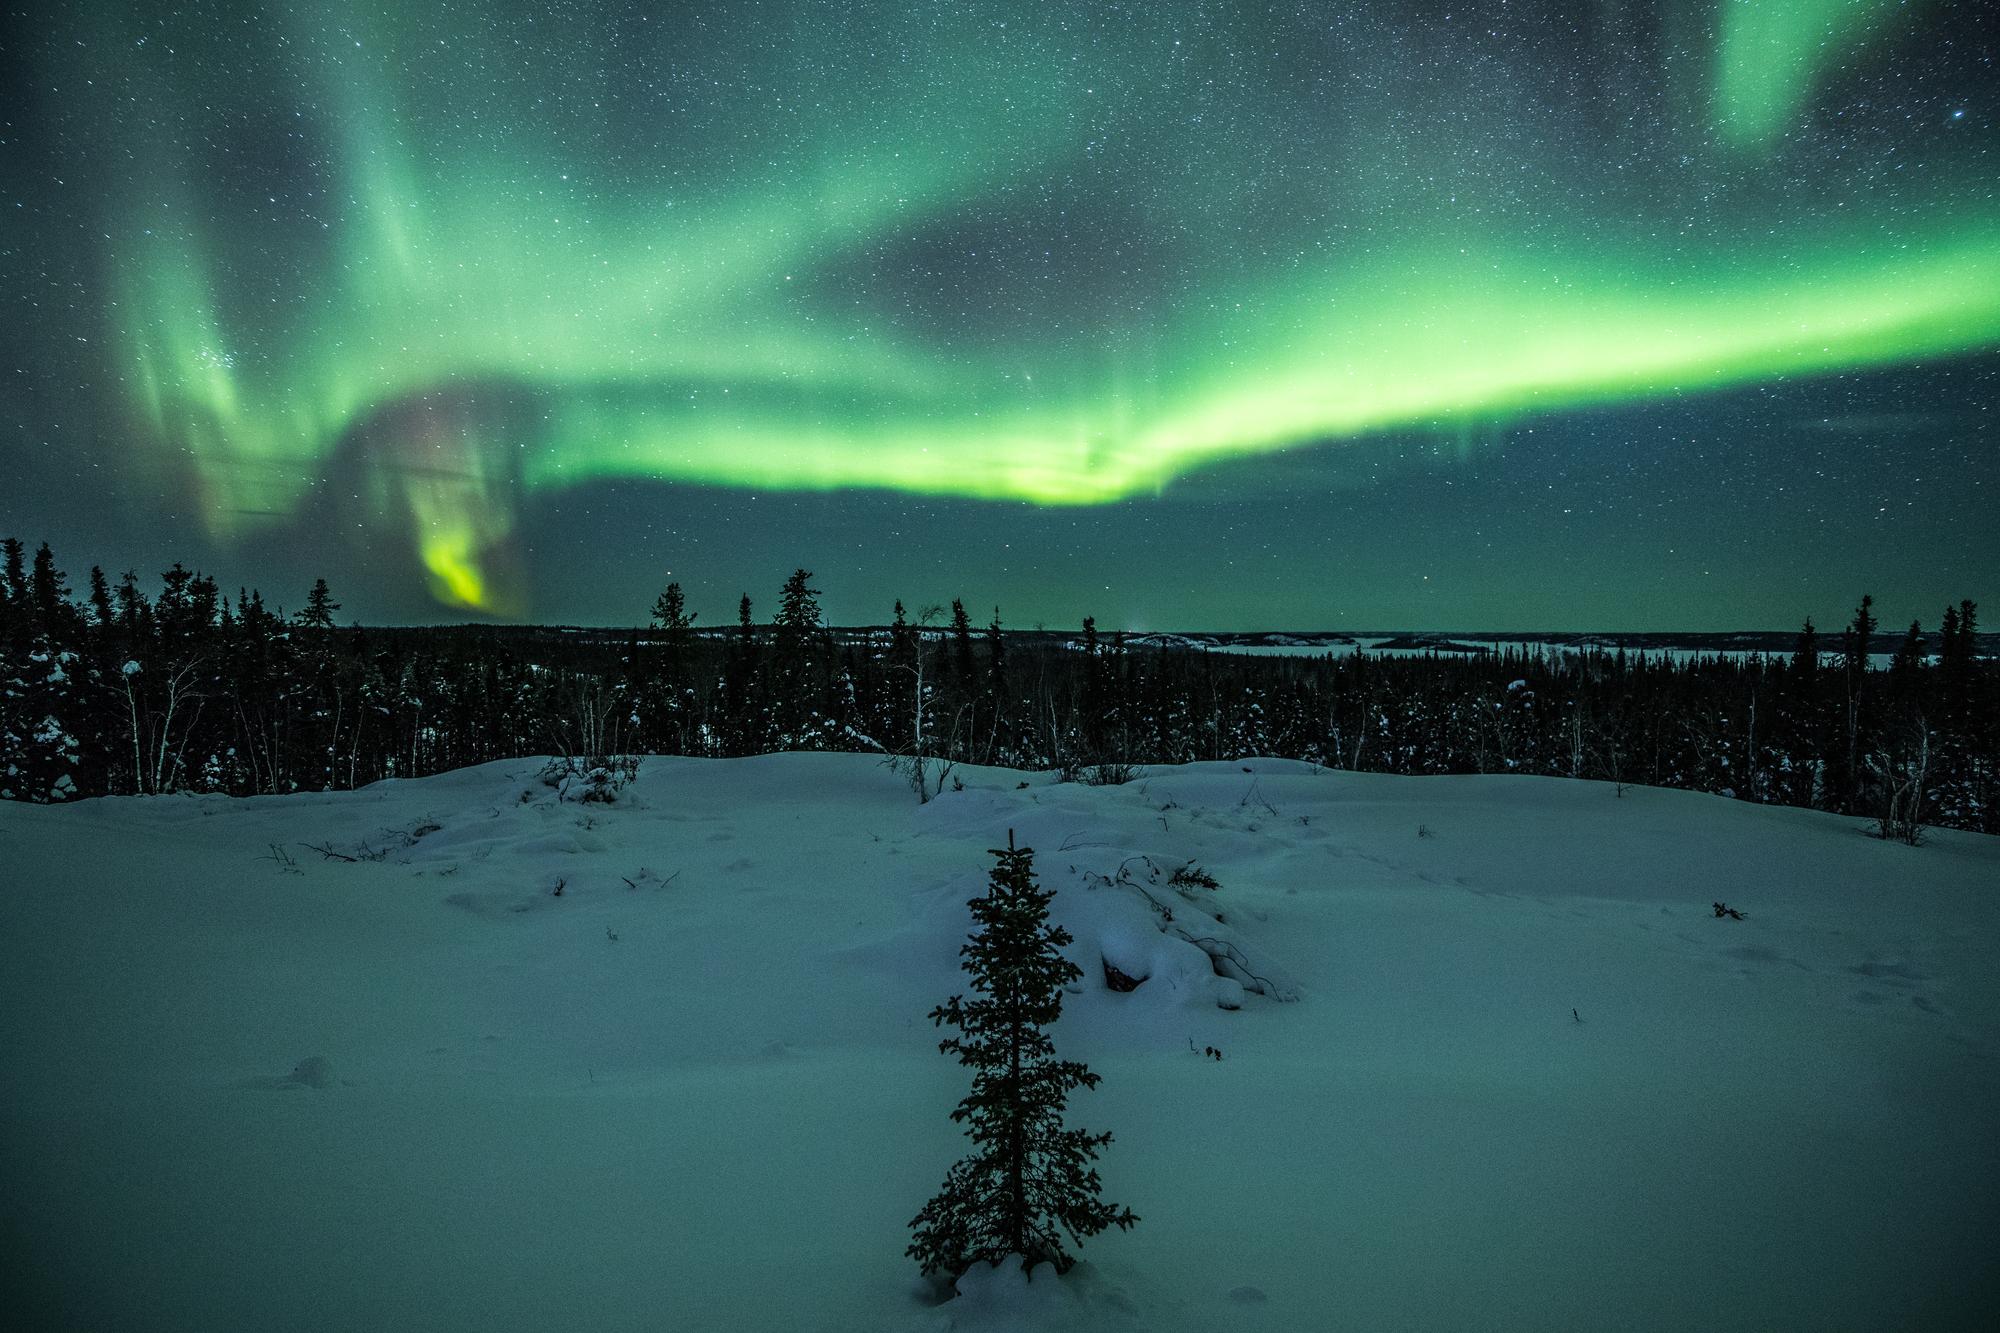 オーロラハンティング・ツアーアイスランドのスノーモービル・ツアー